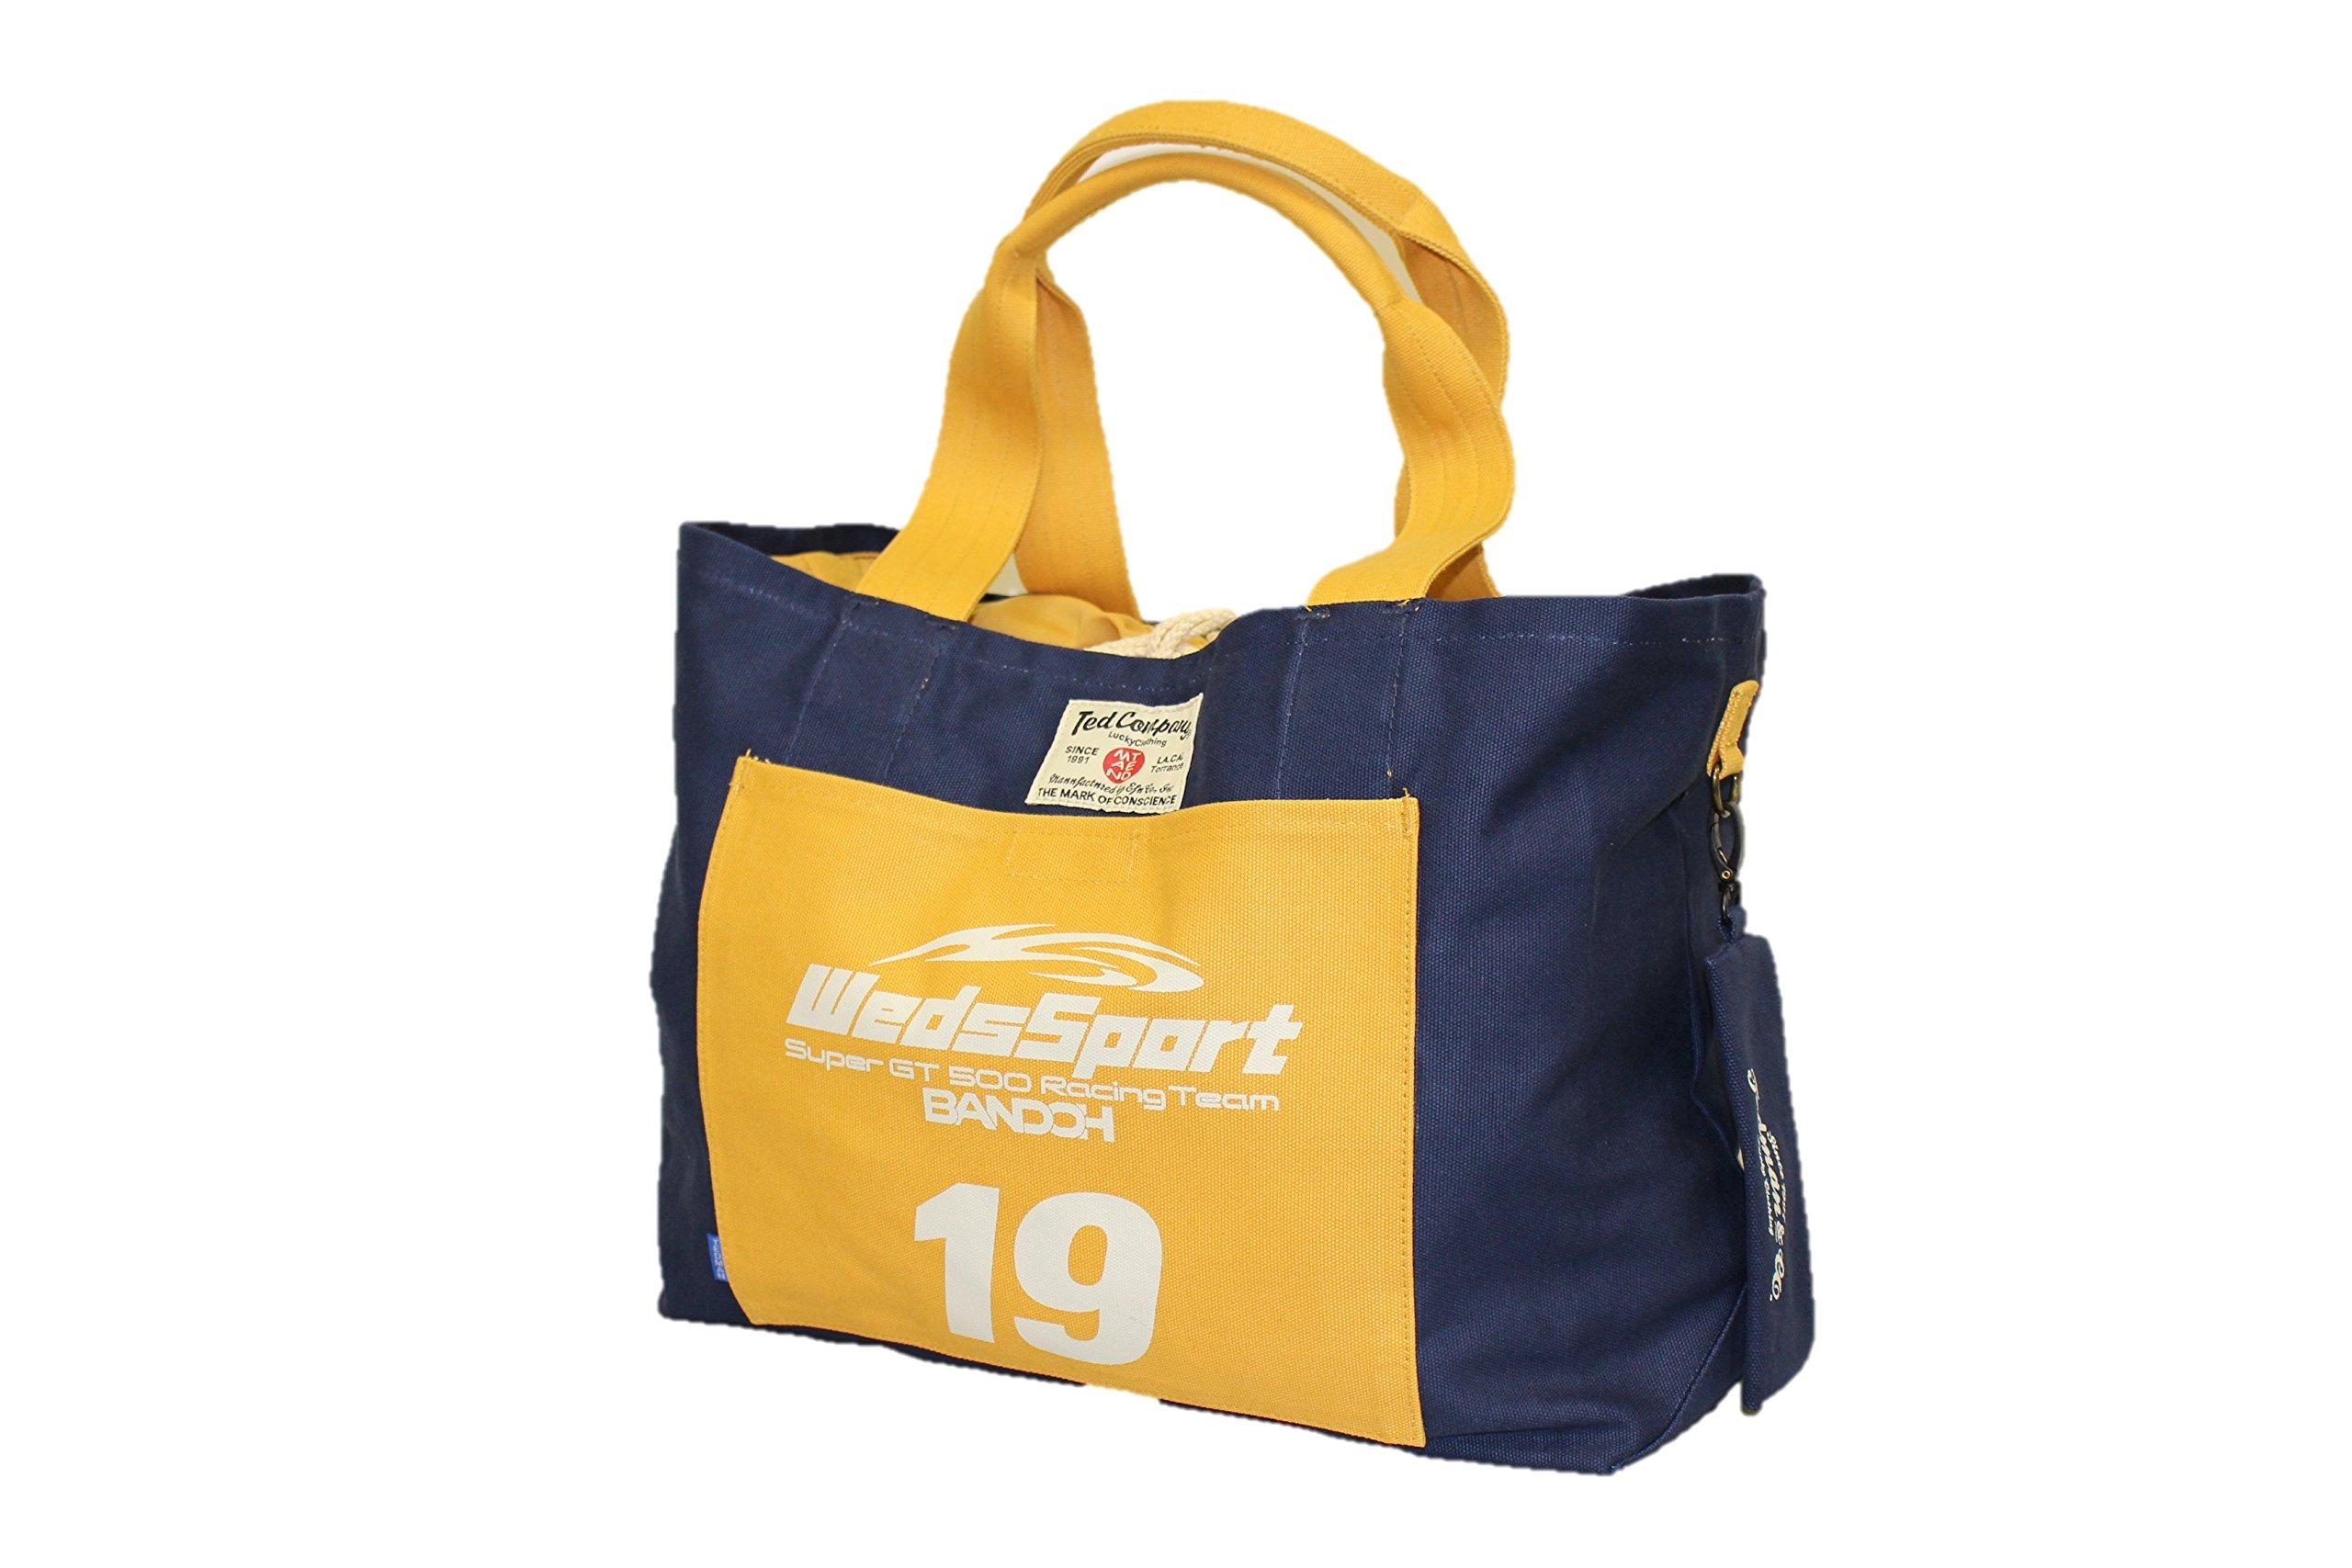 WedsSport (Weds Sport) Bakuso Bando sets TEDMAN (Ted Mann) collaboration tote bag size: W: 44 ~ 56 × H: 33 × D: 18cm 00TDBG-700WS by WedsSport